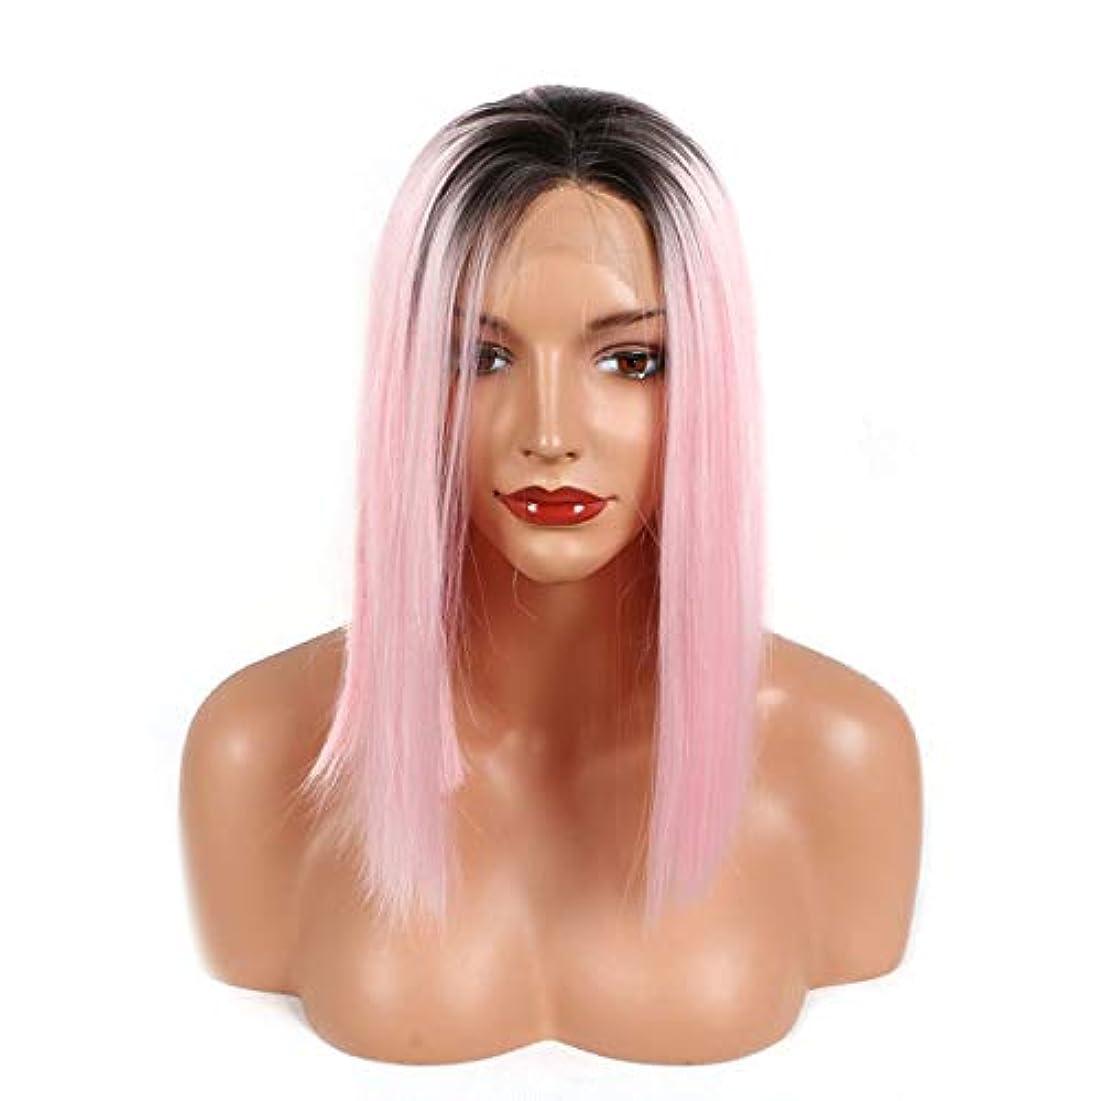 エリート害腐敗したYOUQIU BOBショートストレート髪のグラデーション合成レースフロントウィッグウィッグ (色 : ピンク)